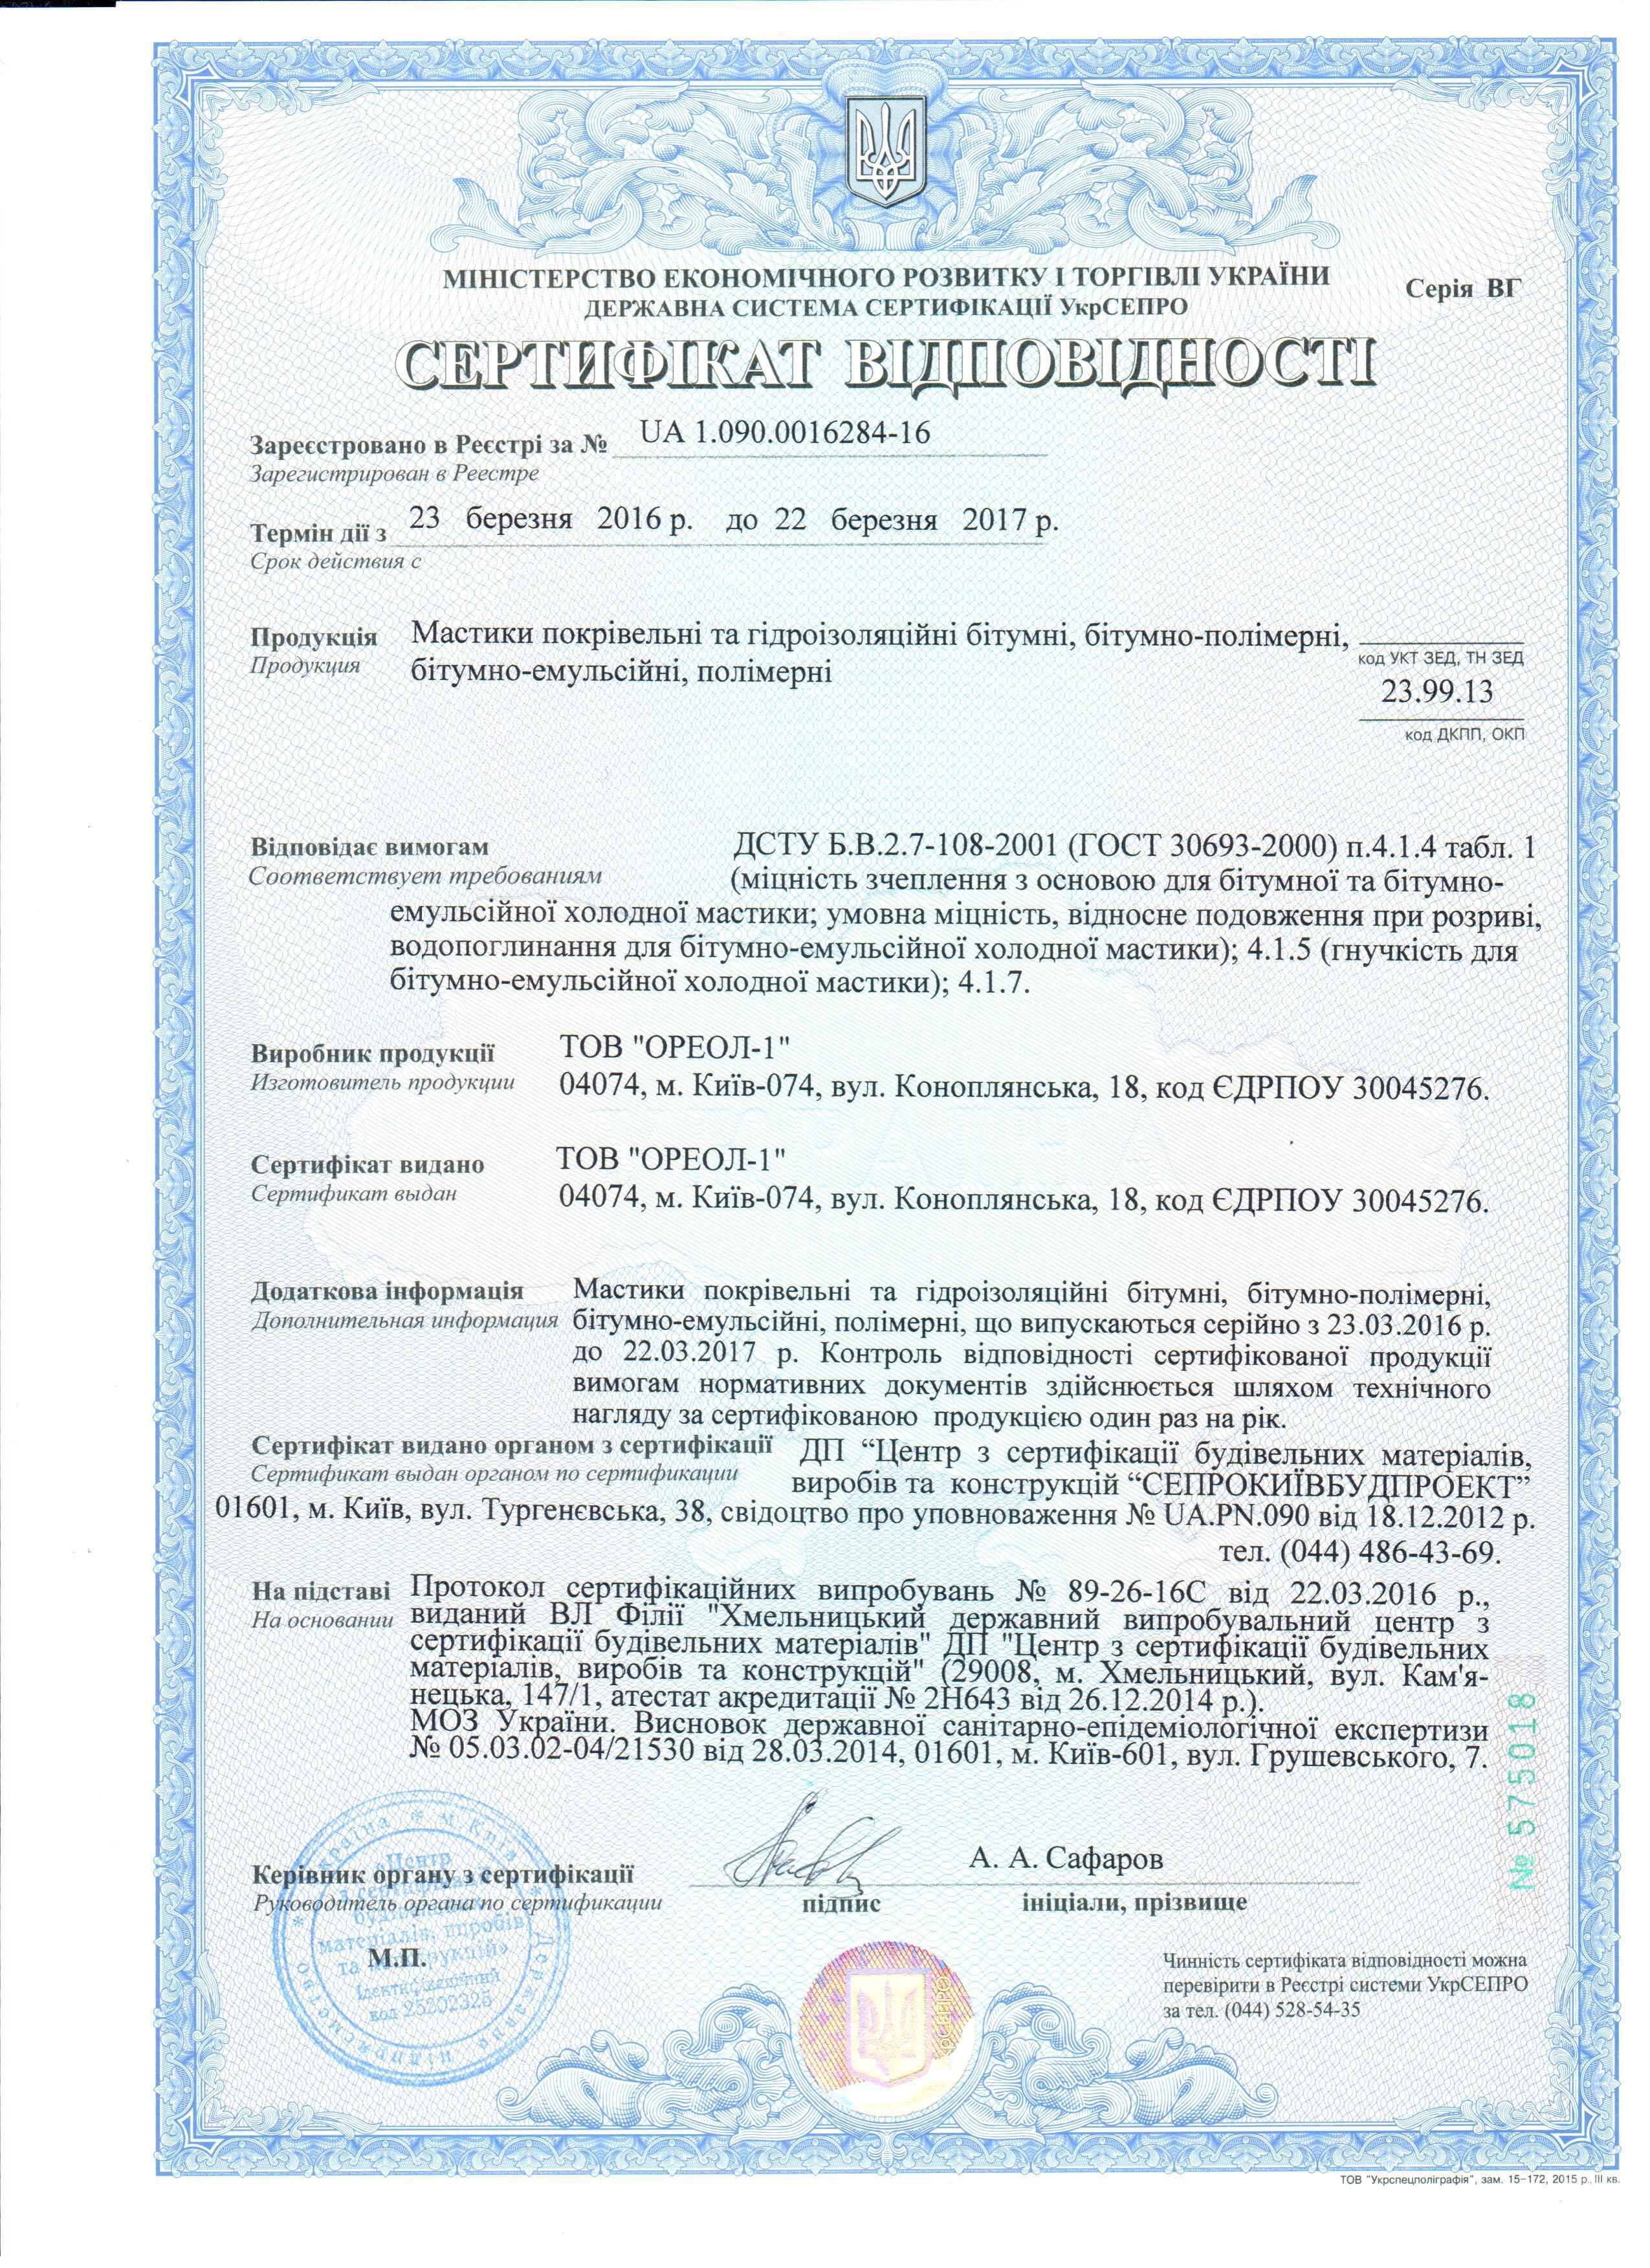 Мастика гермабутил с сертификат состав шпатлевки для внутренних работ